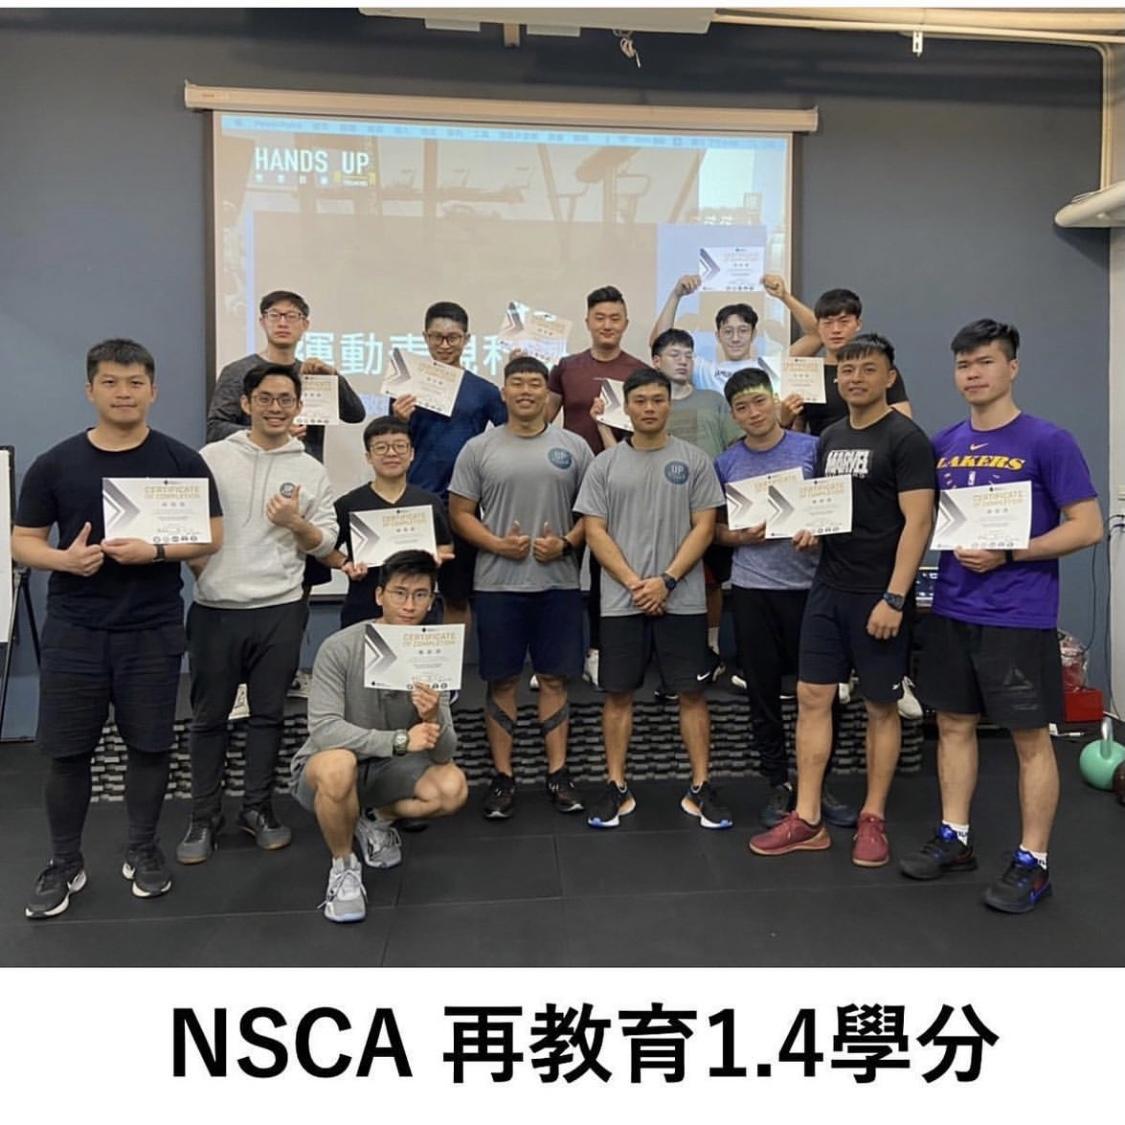 NSCA再教育學分